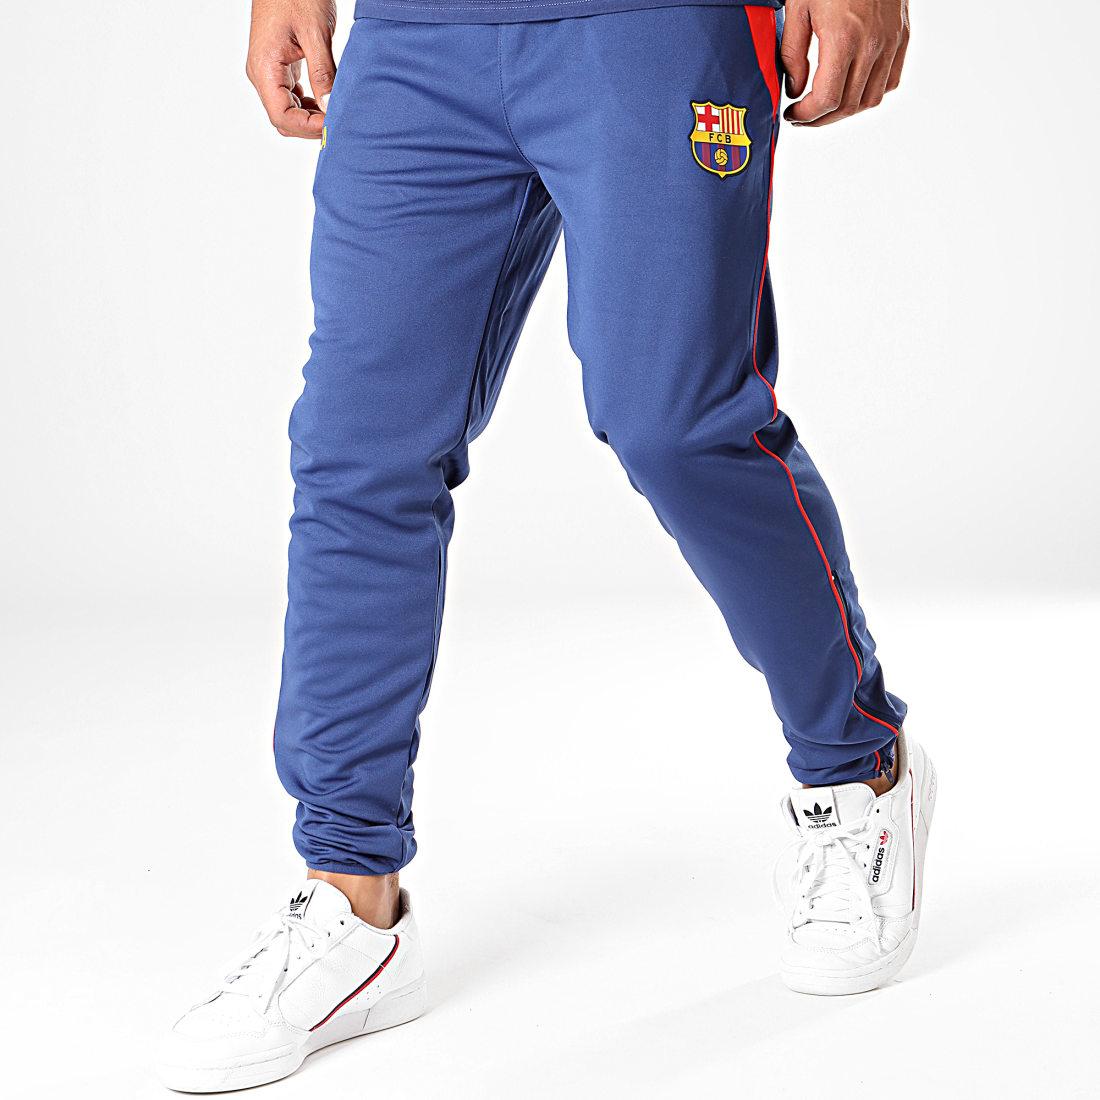 Pantalon de jogging avec coupe ajust/ée gar/çon th/ème football//motif blason//polaire 10-11 ans FC Barcelona officiel